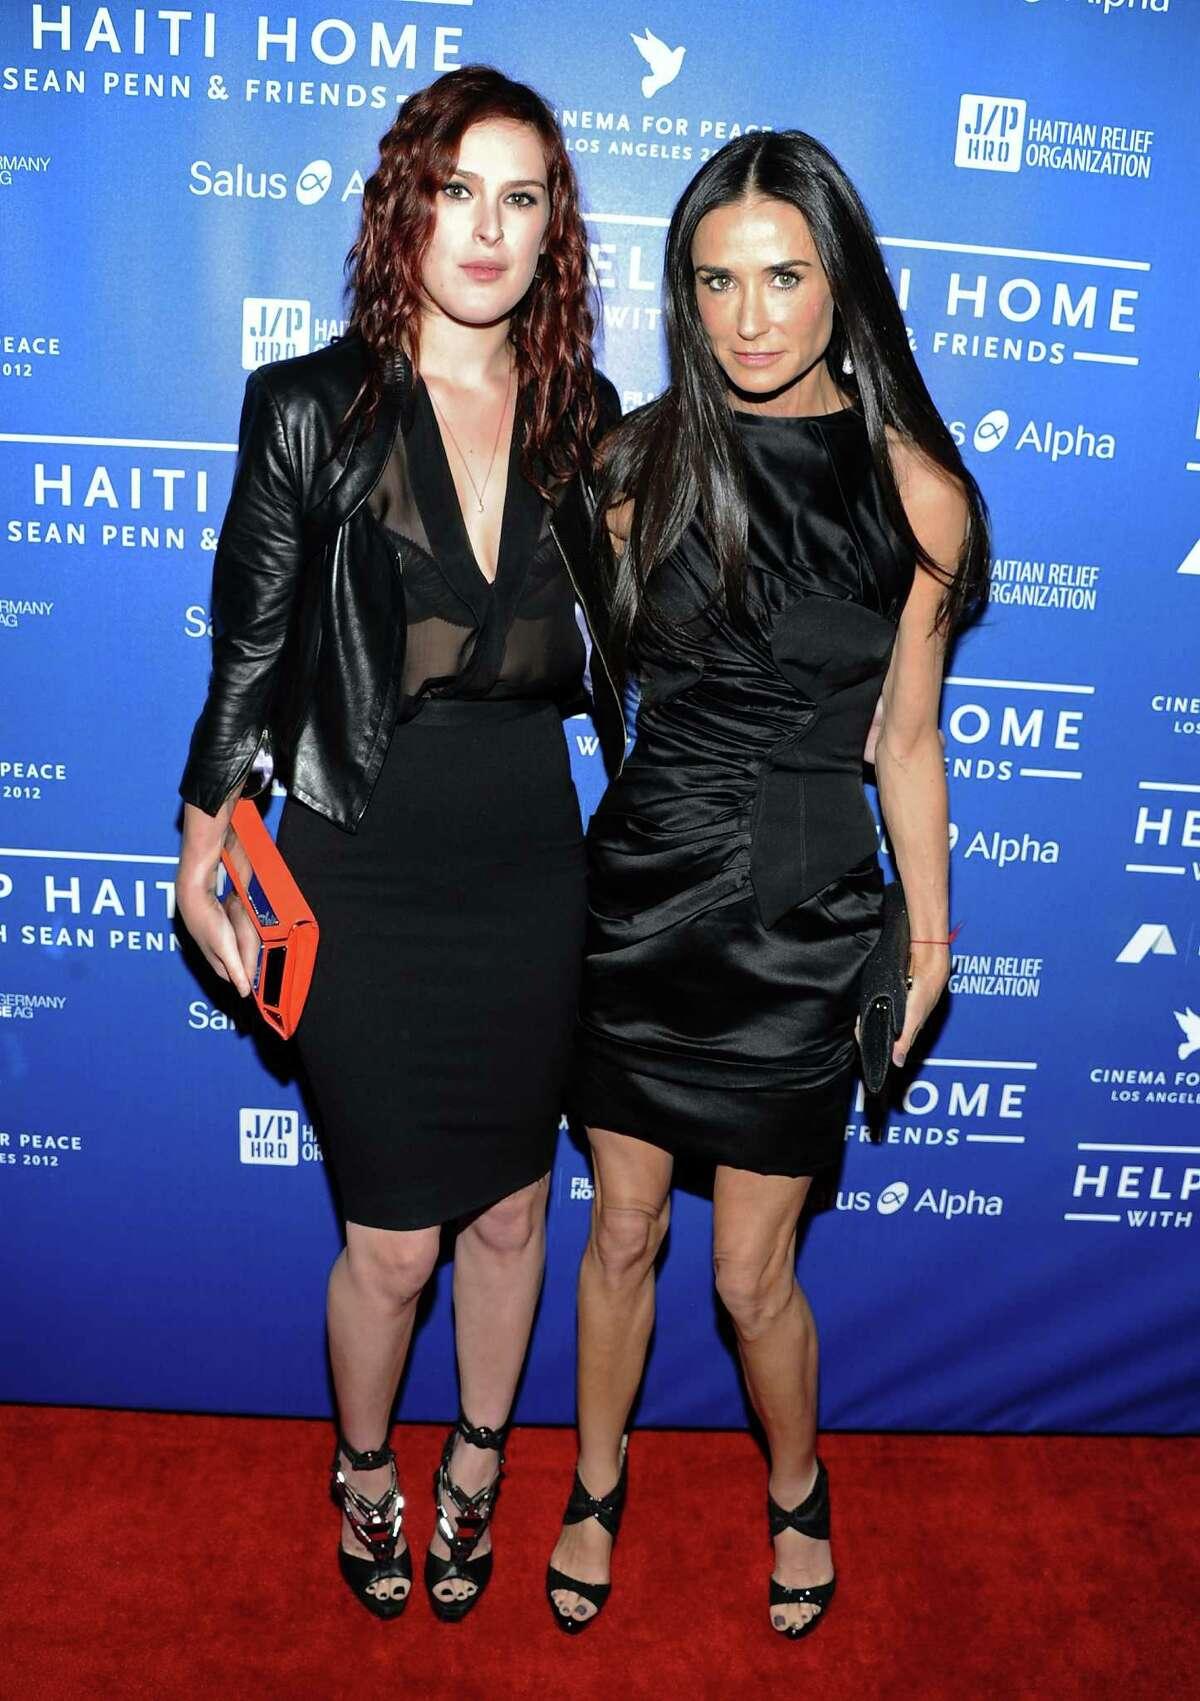 Rumer Willis (born in 1988) and Demi Moore (born in 1962)